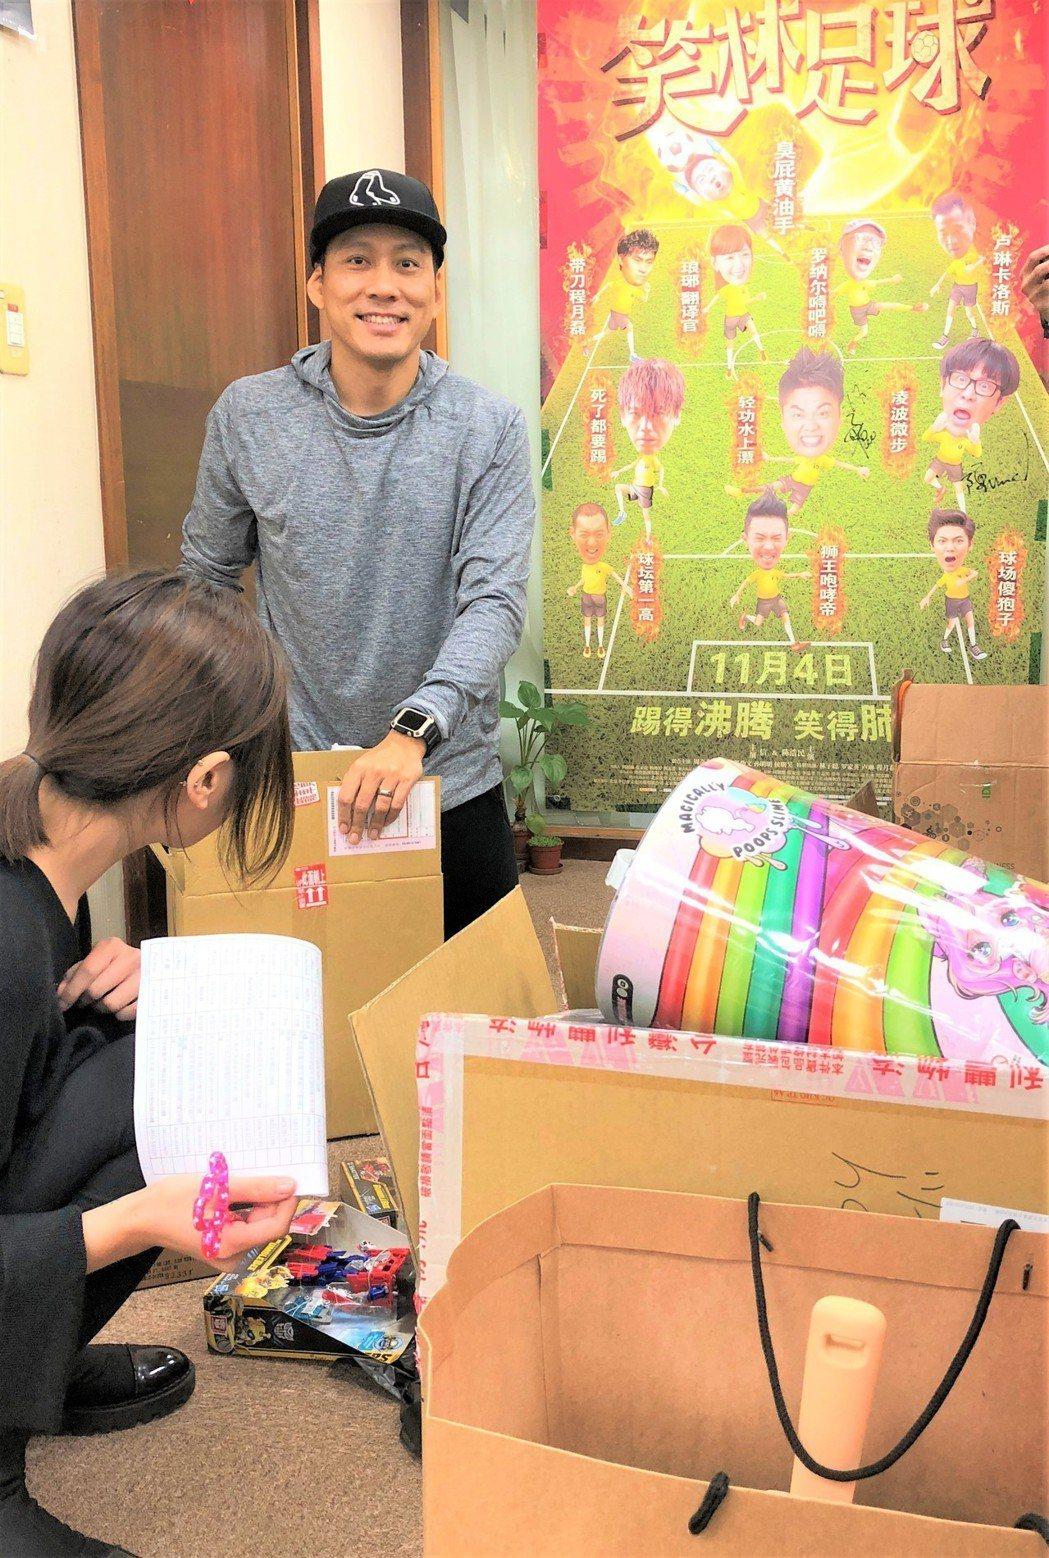 艾力克斯聖誕節買禮物送給幸運粉絲。圖/艾迪昇傳播提供